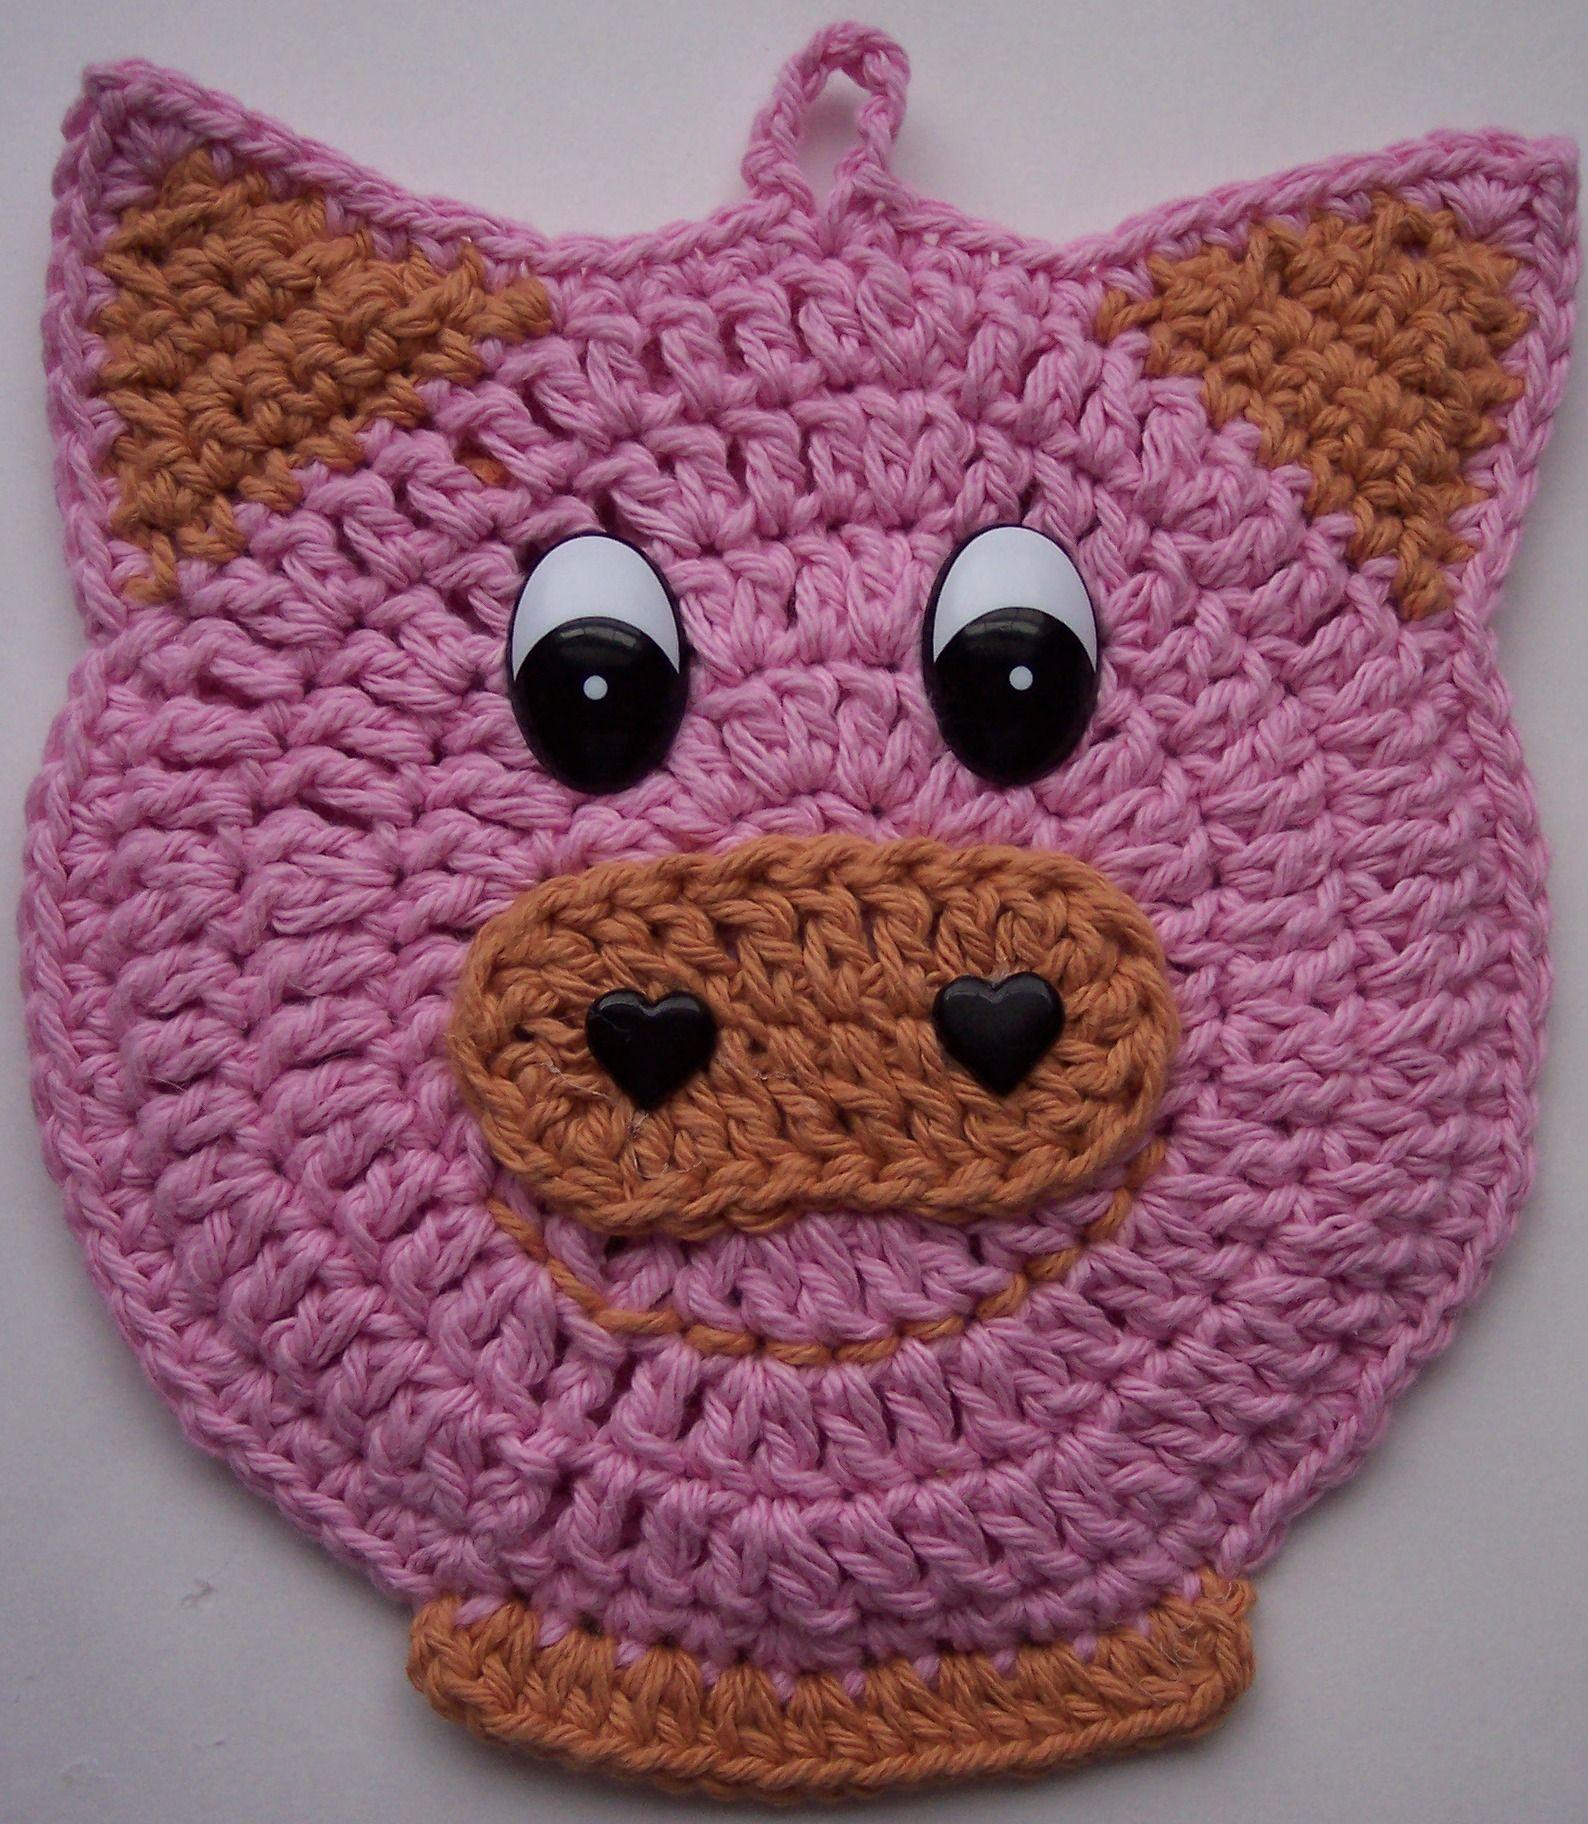 Crochet Pig Potholder Crochet 4 Pinterest